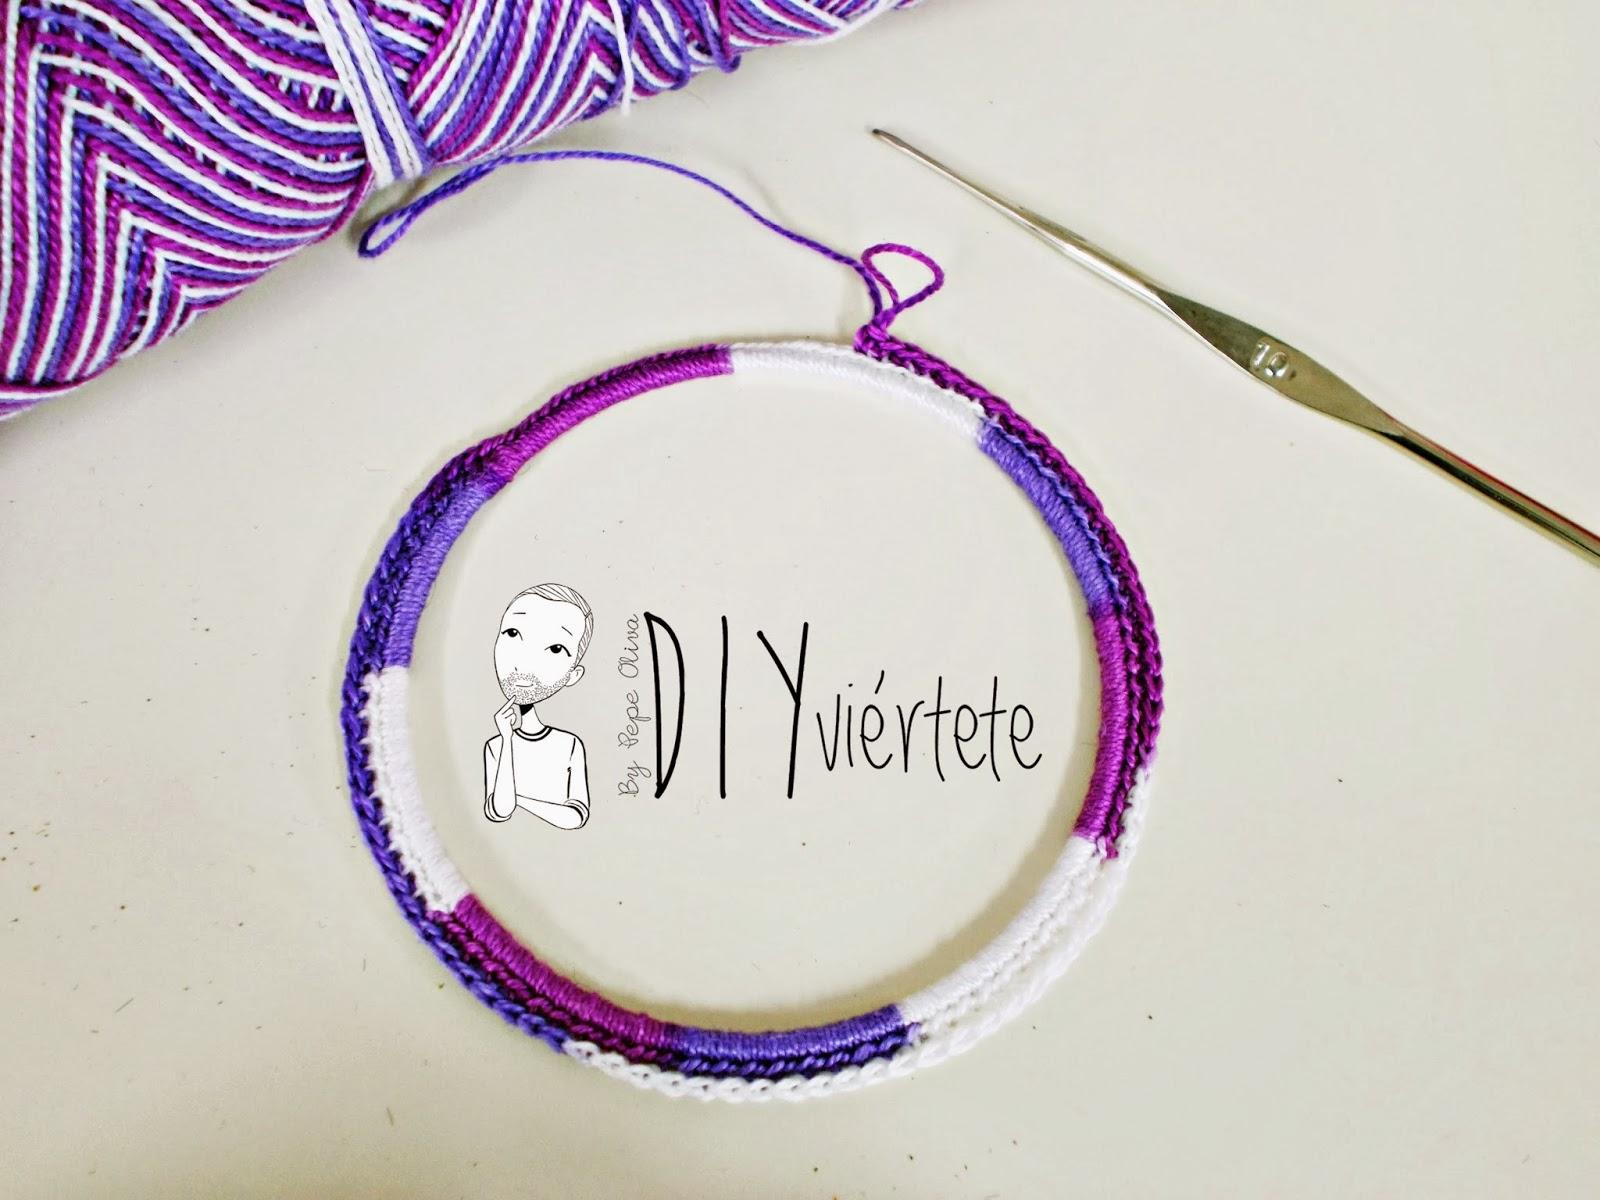 DIY-zarcillo-pendiente-bisutería-ganchillo-crochet-flamenca-Diyviértete2